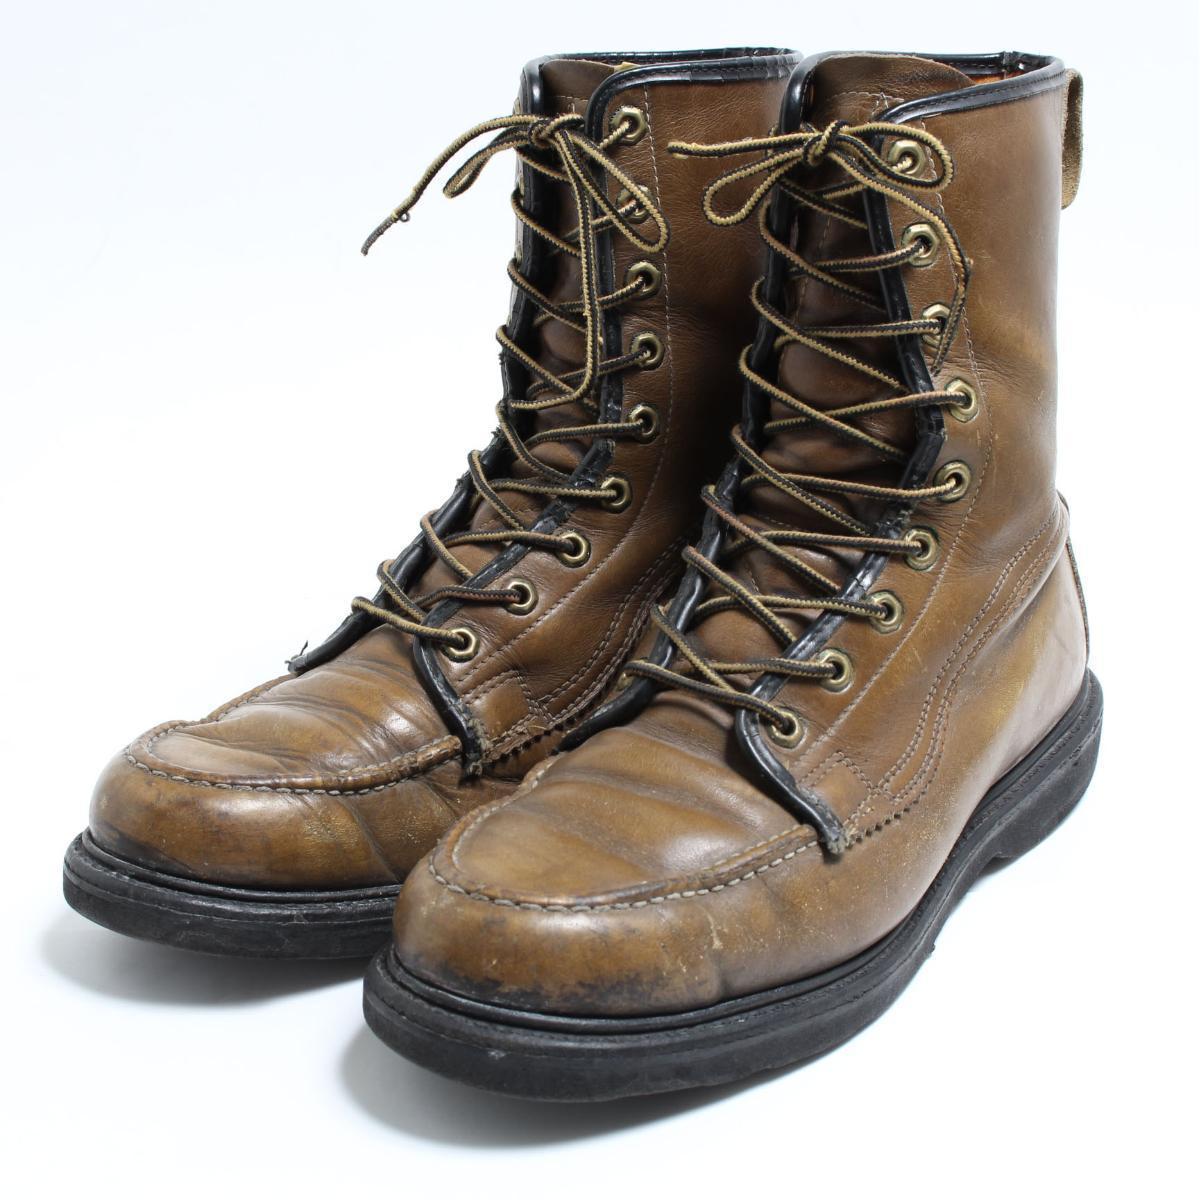 4afaba09d84 50~60 generation Sears Sears work boots 9.5D men 27.5cm vintage /bon7678